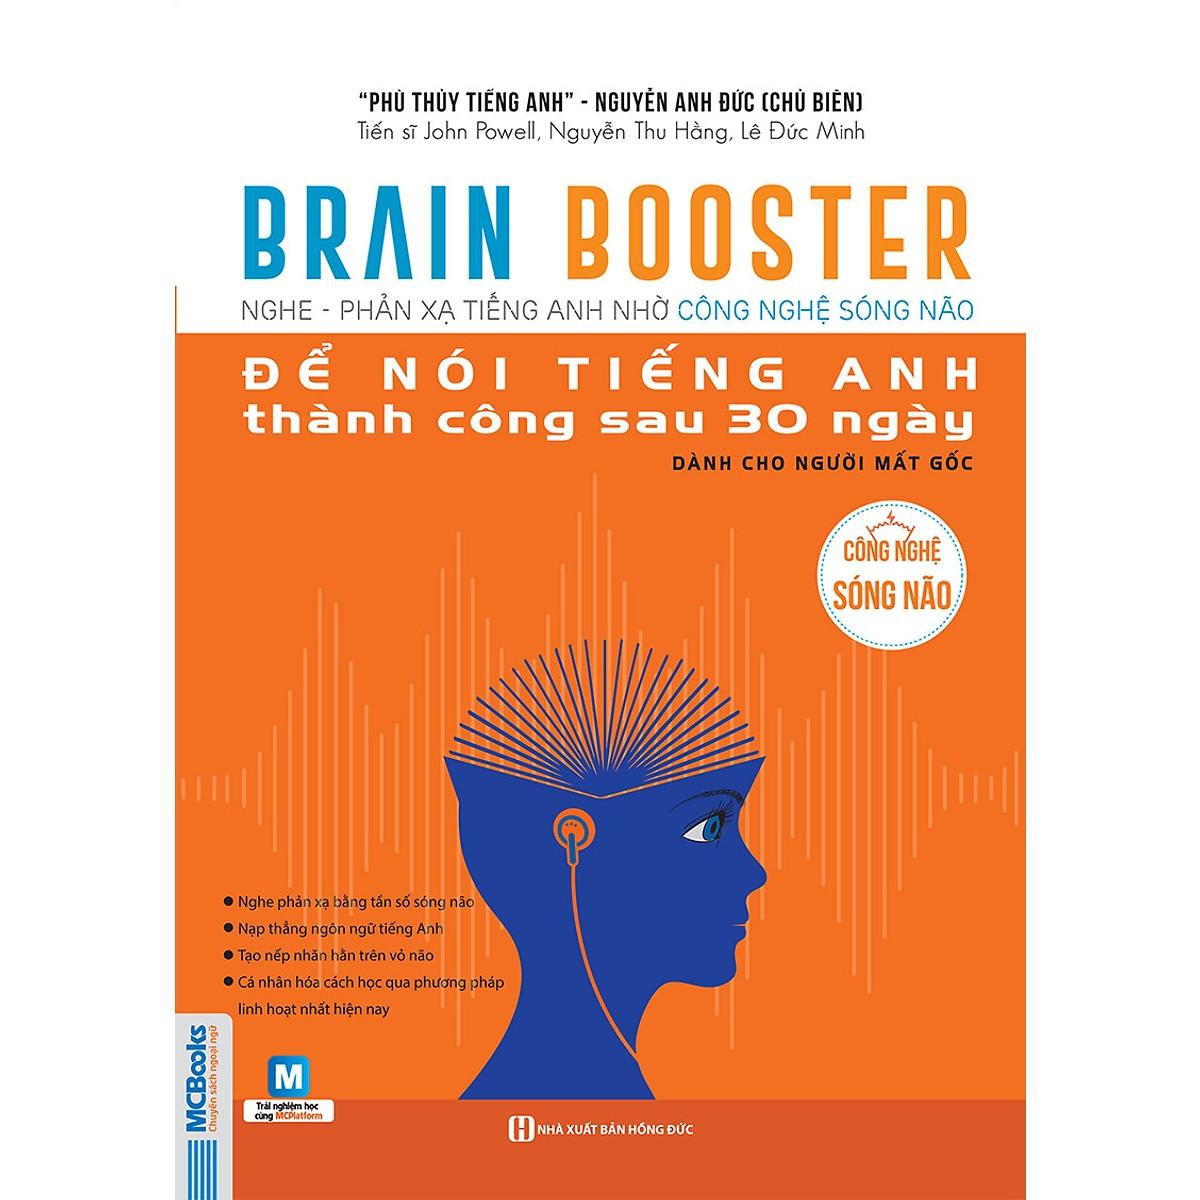 Brain Booster - Nghe Phản Xạ Tiếng Anh Nhờ Công Nghệ Sóng Não - Dành Cho Người Mất Gốc (Học Kèm App MCBooks Application)... - 15700813 , 7218225104806 , 62_29807791 , 289000 , Brain-Booster-Nghe-Phan-Xa-Tieng-Anh-Nho-Cong-Nghe-Song-Nao-Danh-Cho-Nguoi-Mat-Goc-Hoc-Kem-App-MCBooks-Application...-62_29807791 , tiki.vn , Brain Booster - Nghe Phản Xạ Tiếng Anh Nhờ Công Nghệ Sóng